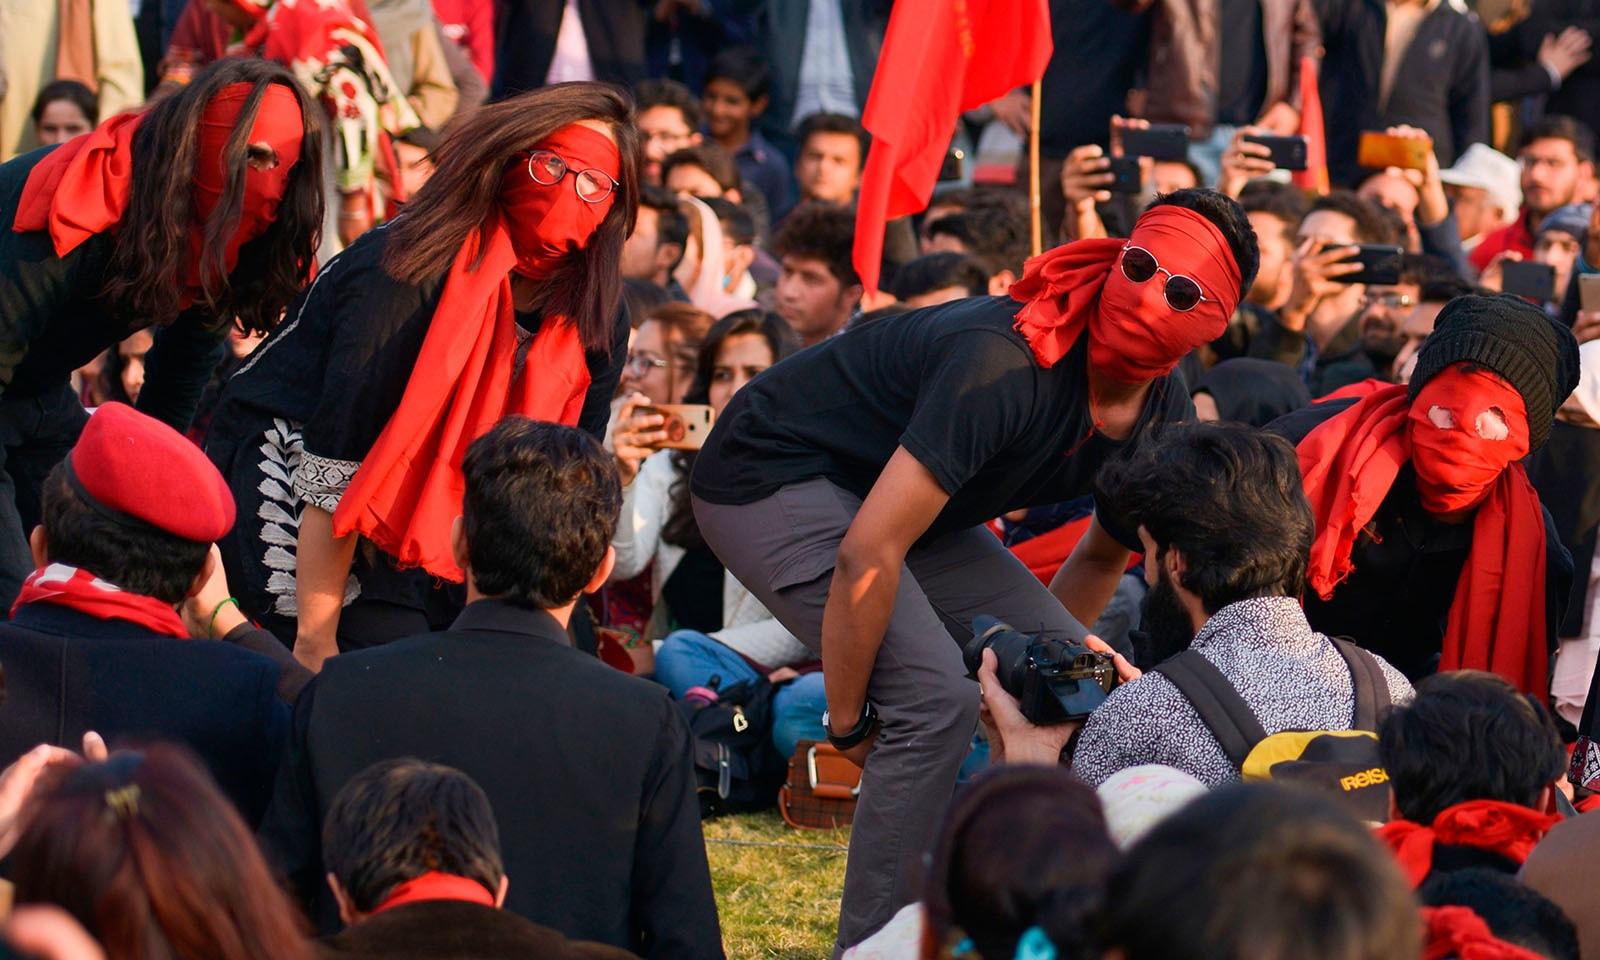 چند مظاہرین نے چہرے پر سرخ ماسک پہن رکھے تھے — فوٹو: اے ایف پی